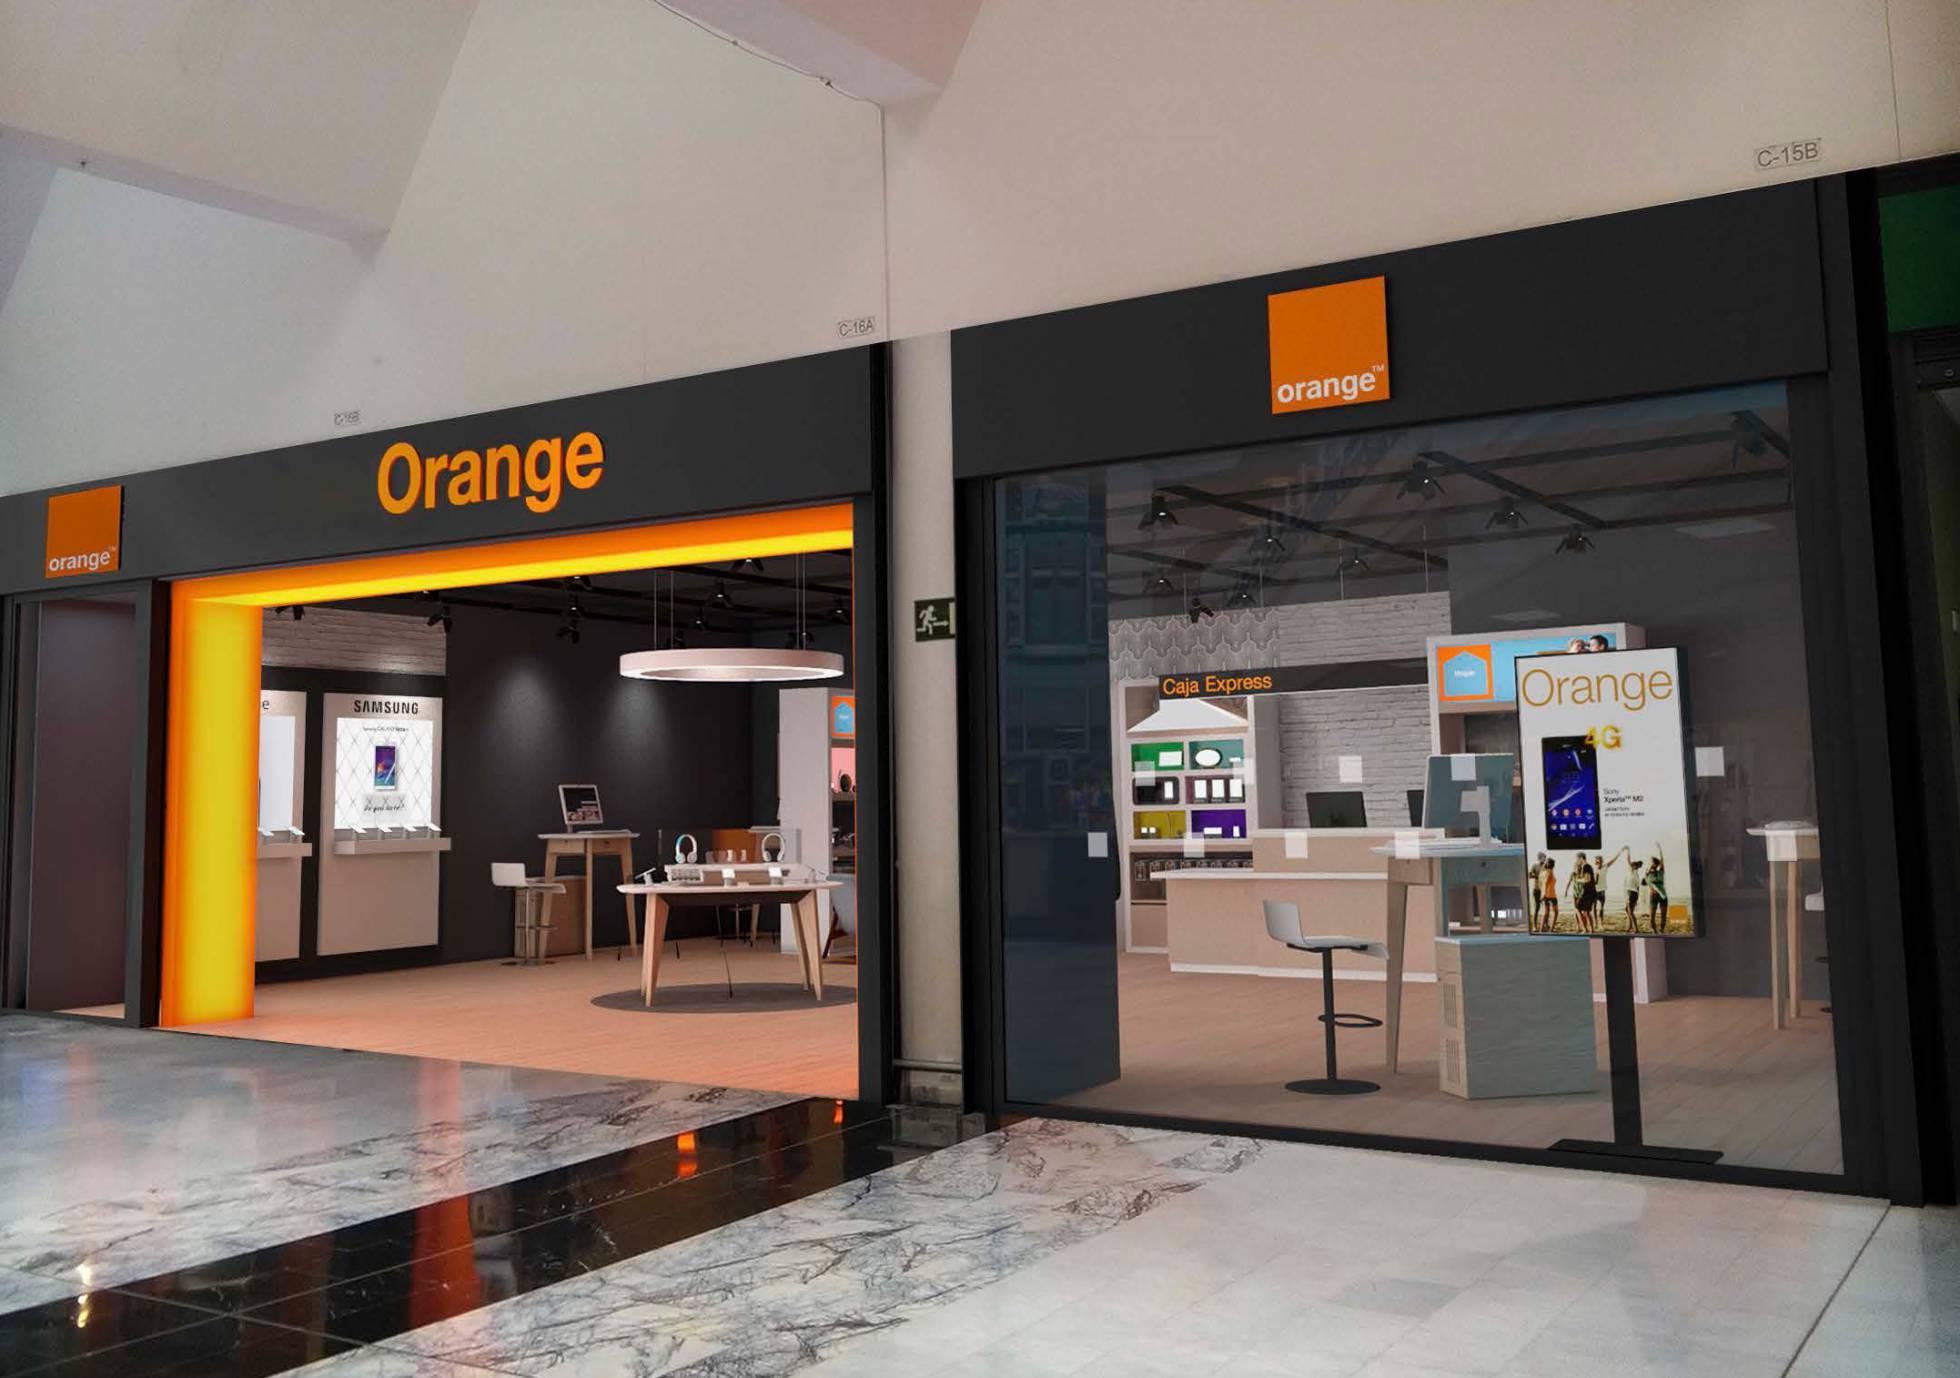 Orange alquila 'pokémons' para atraer clientes a sus tiendas